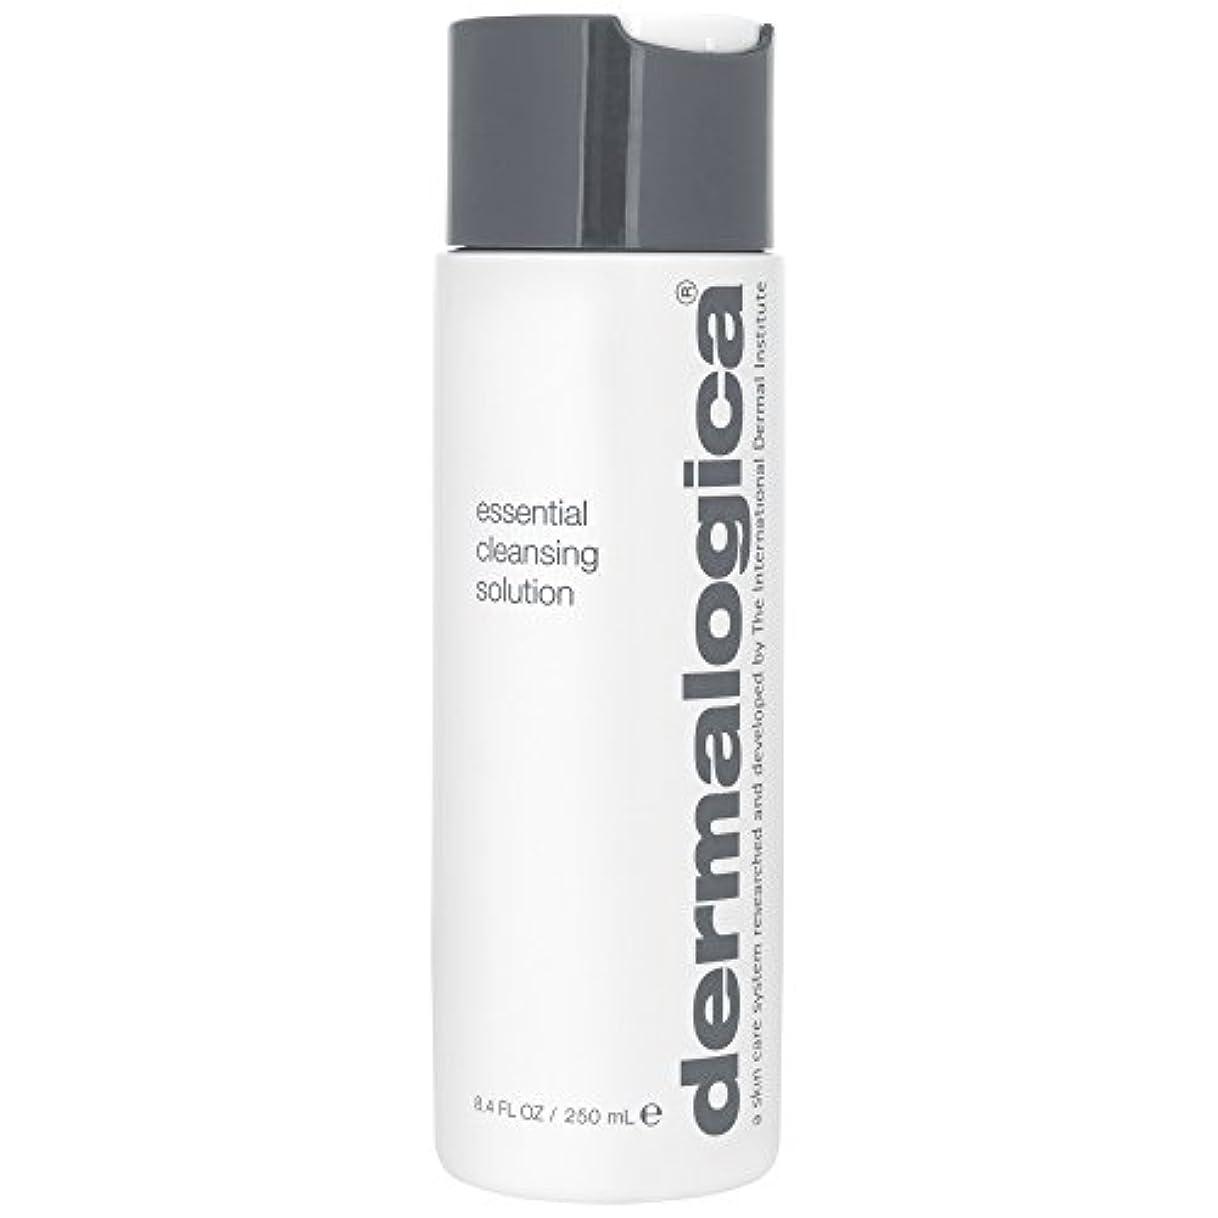 割り込みアイロニー賢いダーマロジカ不可欠な洗浄液の250ミリリットル (Dermalogica) (x2) - Dermalogica Essential Cleansing Solution 250ml (Pack of 2) [並行輸入品]